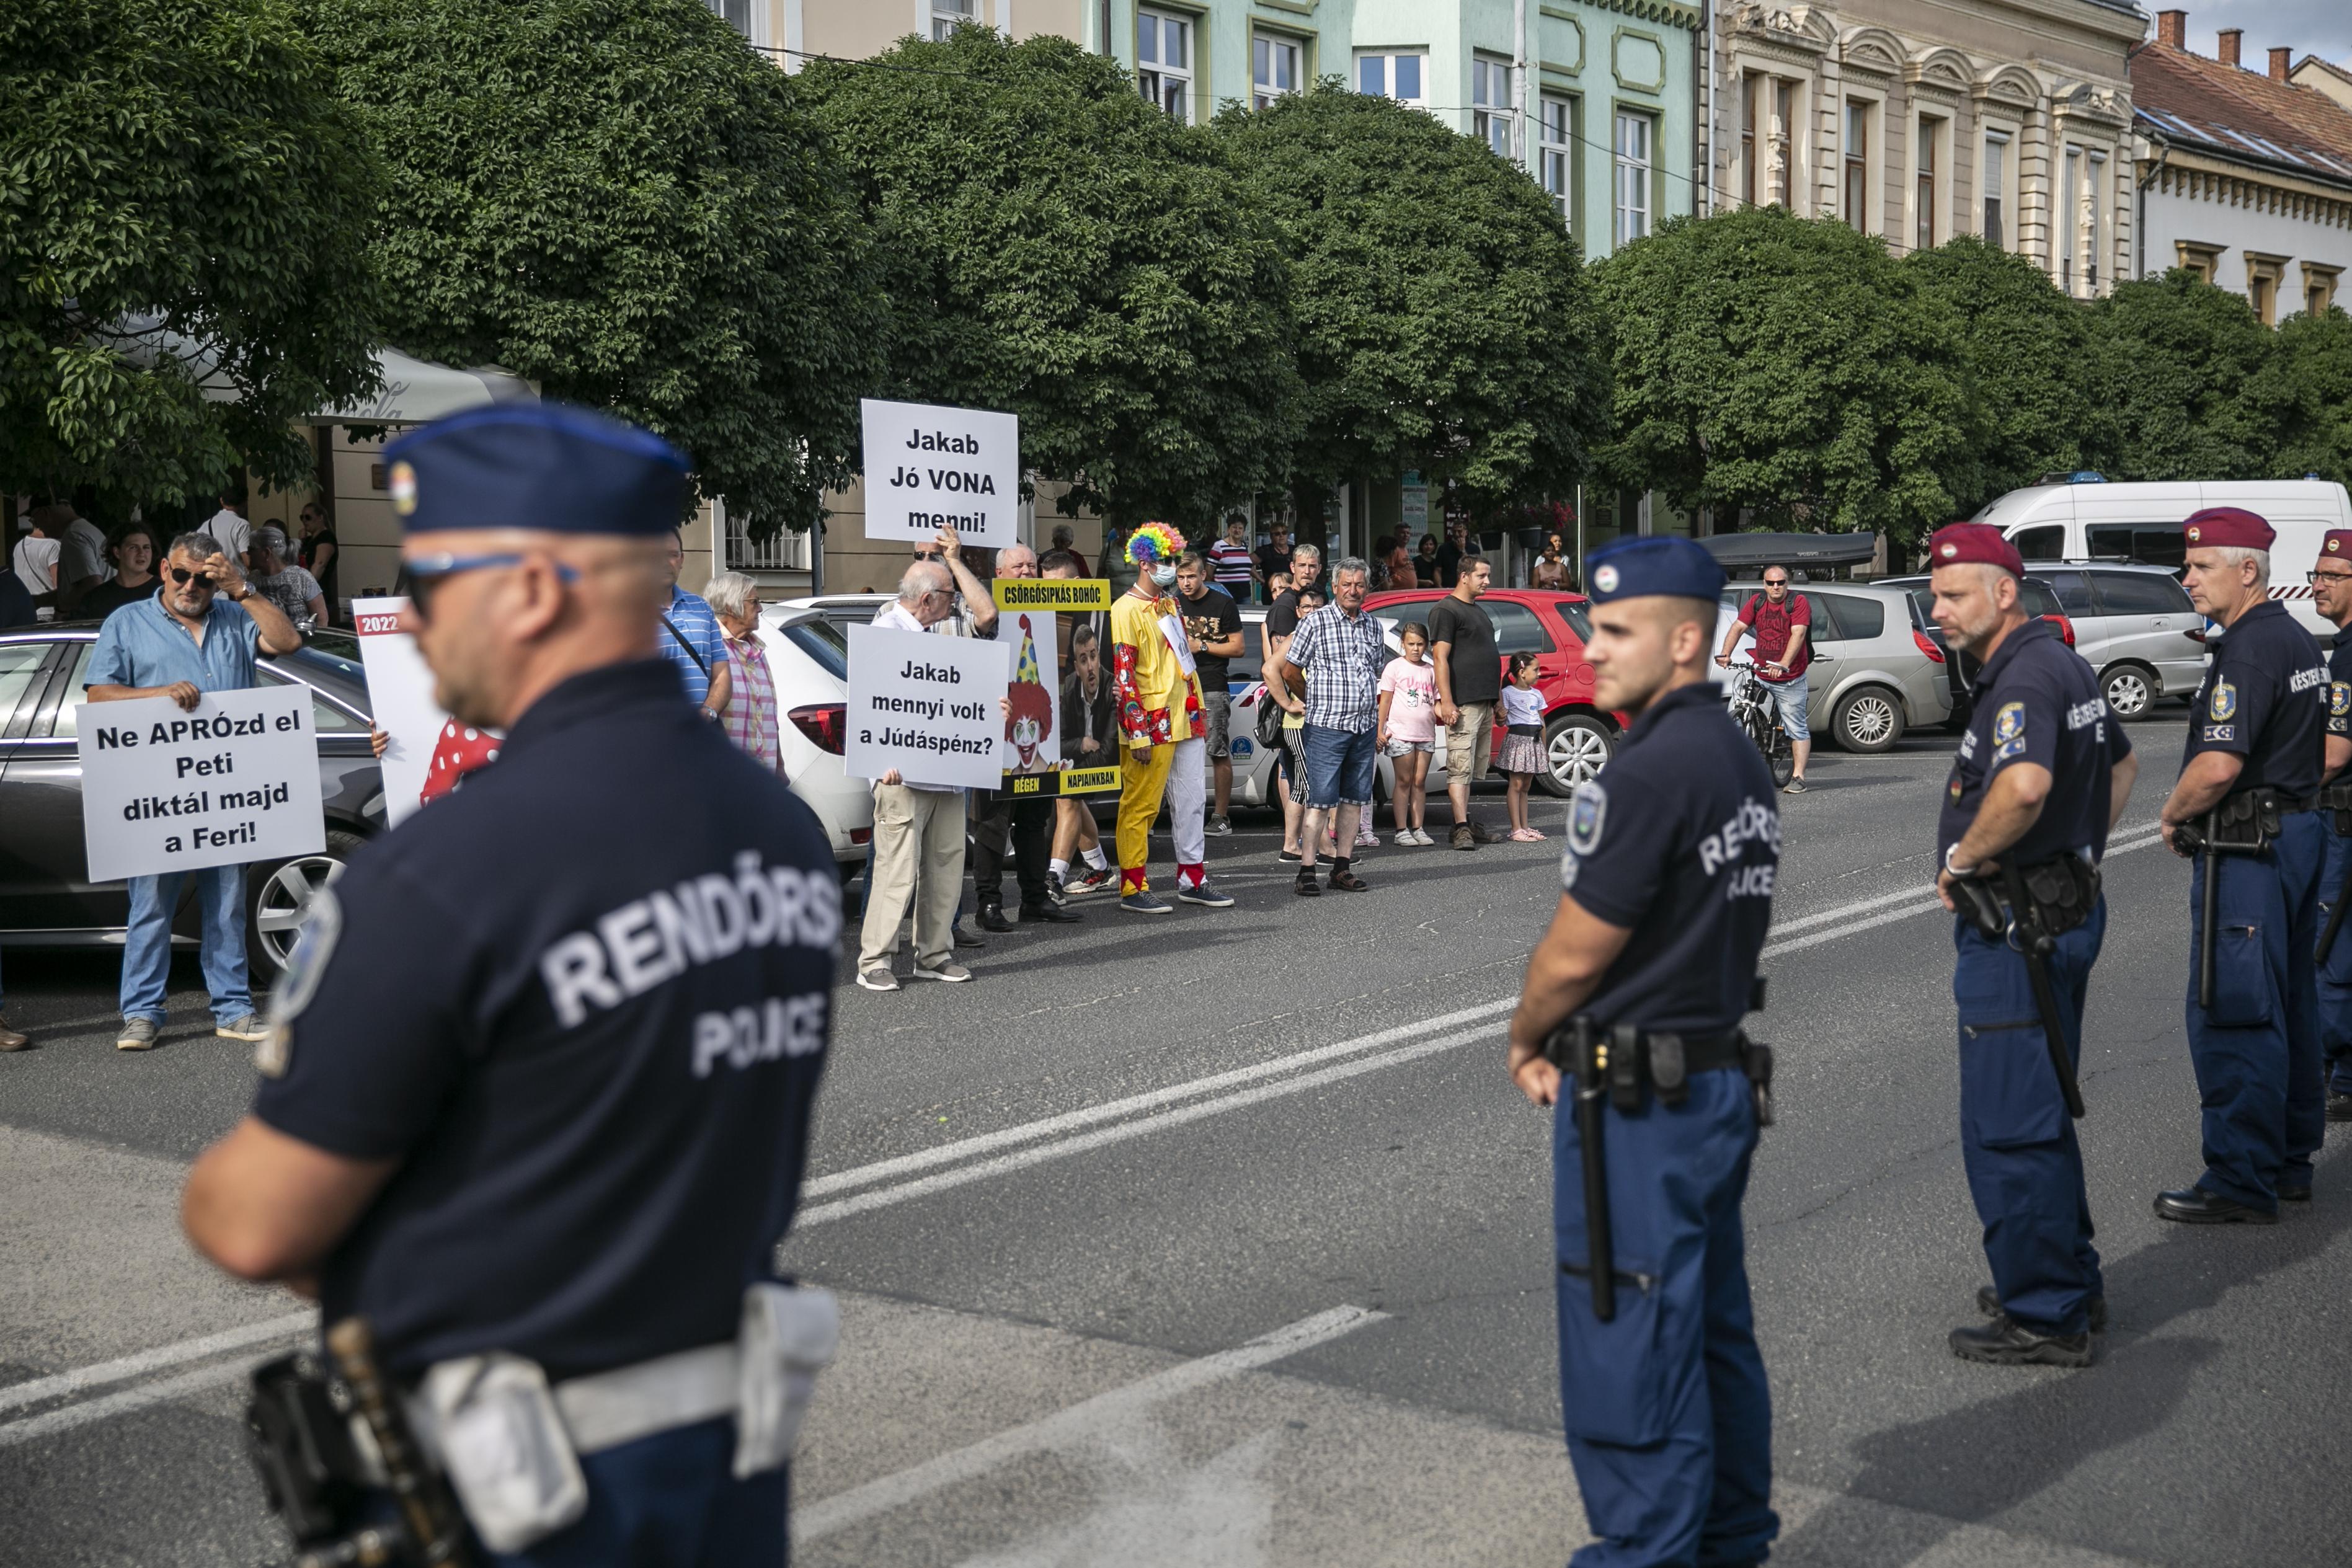 Rendőrök választották el Jakab Péter tapolcai fórumát és a fideszes ellentüntetőket